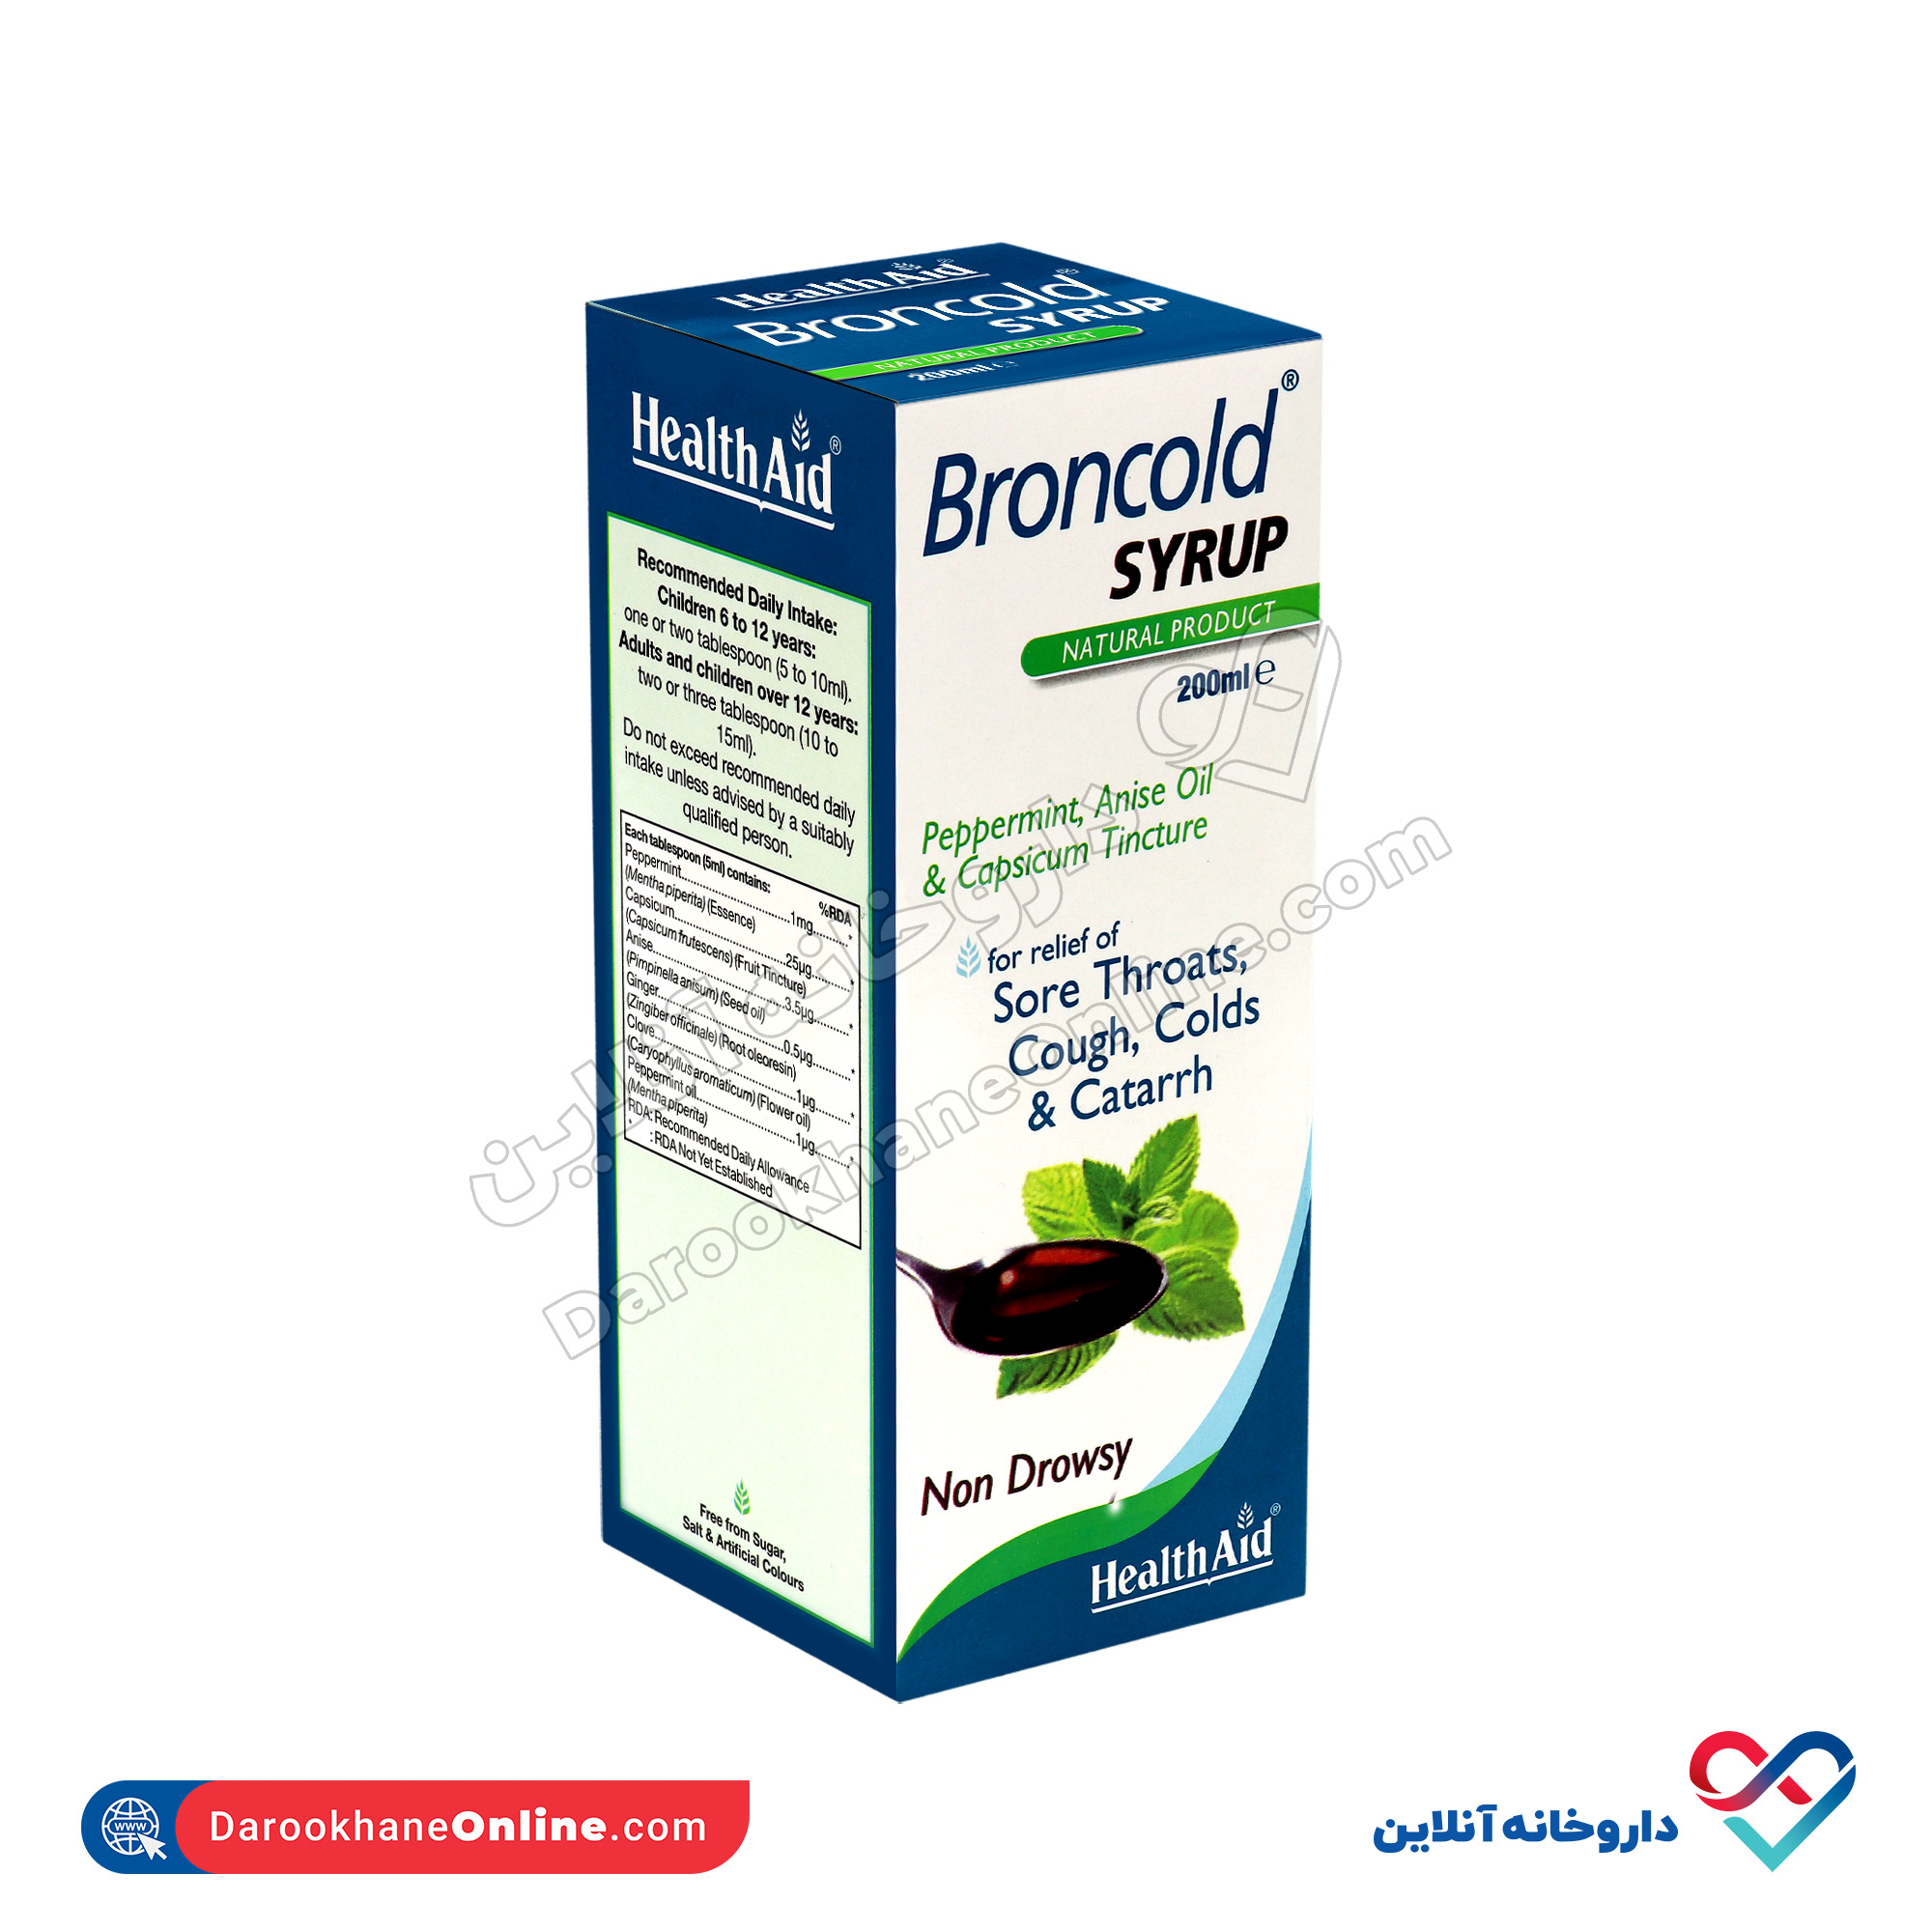 شربت برون کلد هلث اید   200 میلی   بهبود سرفه و گلودرد و علائم سرماخوردگی